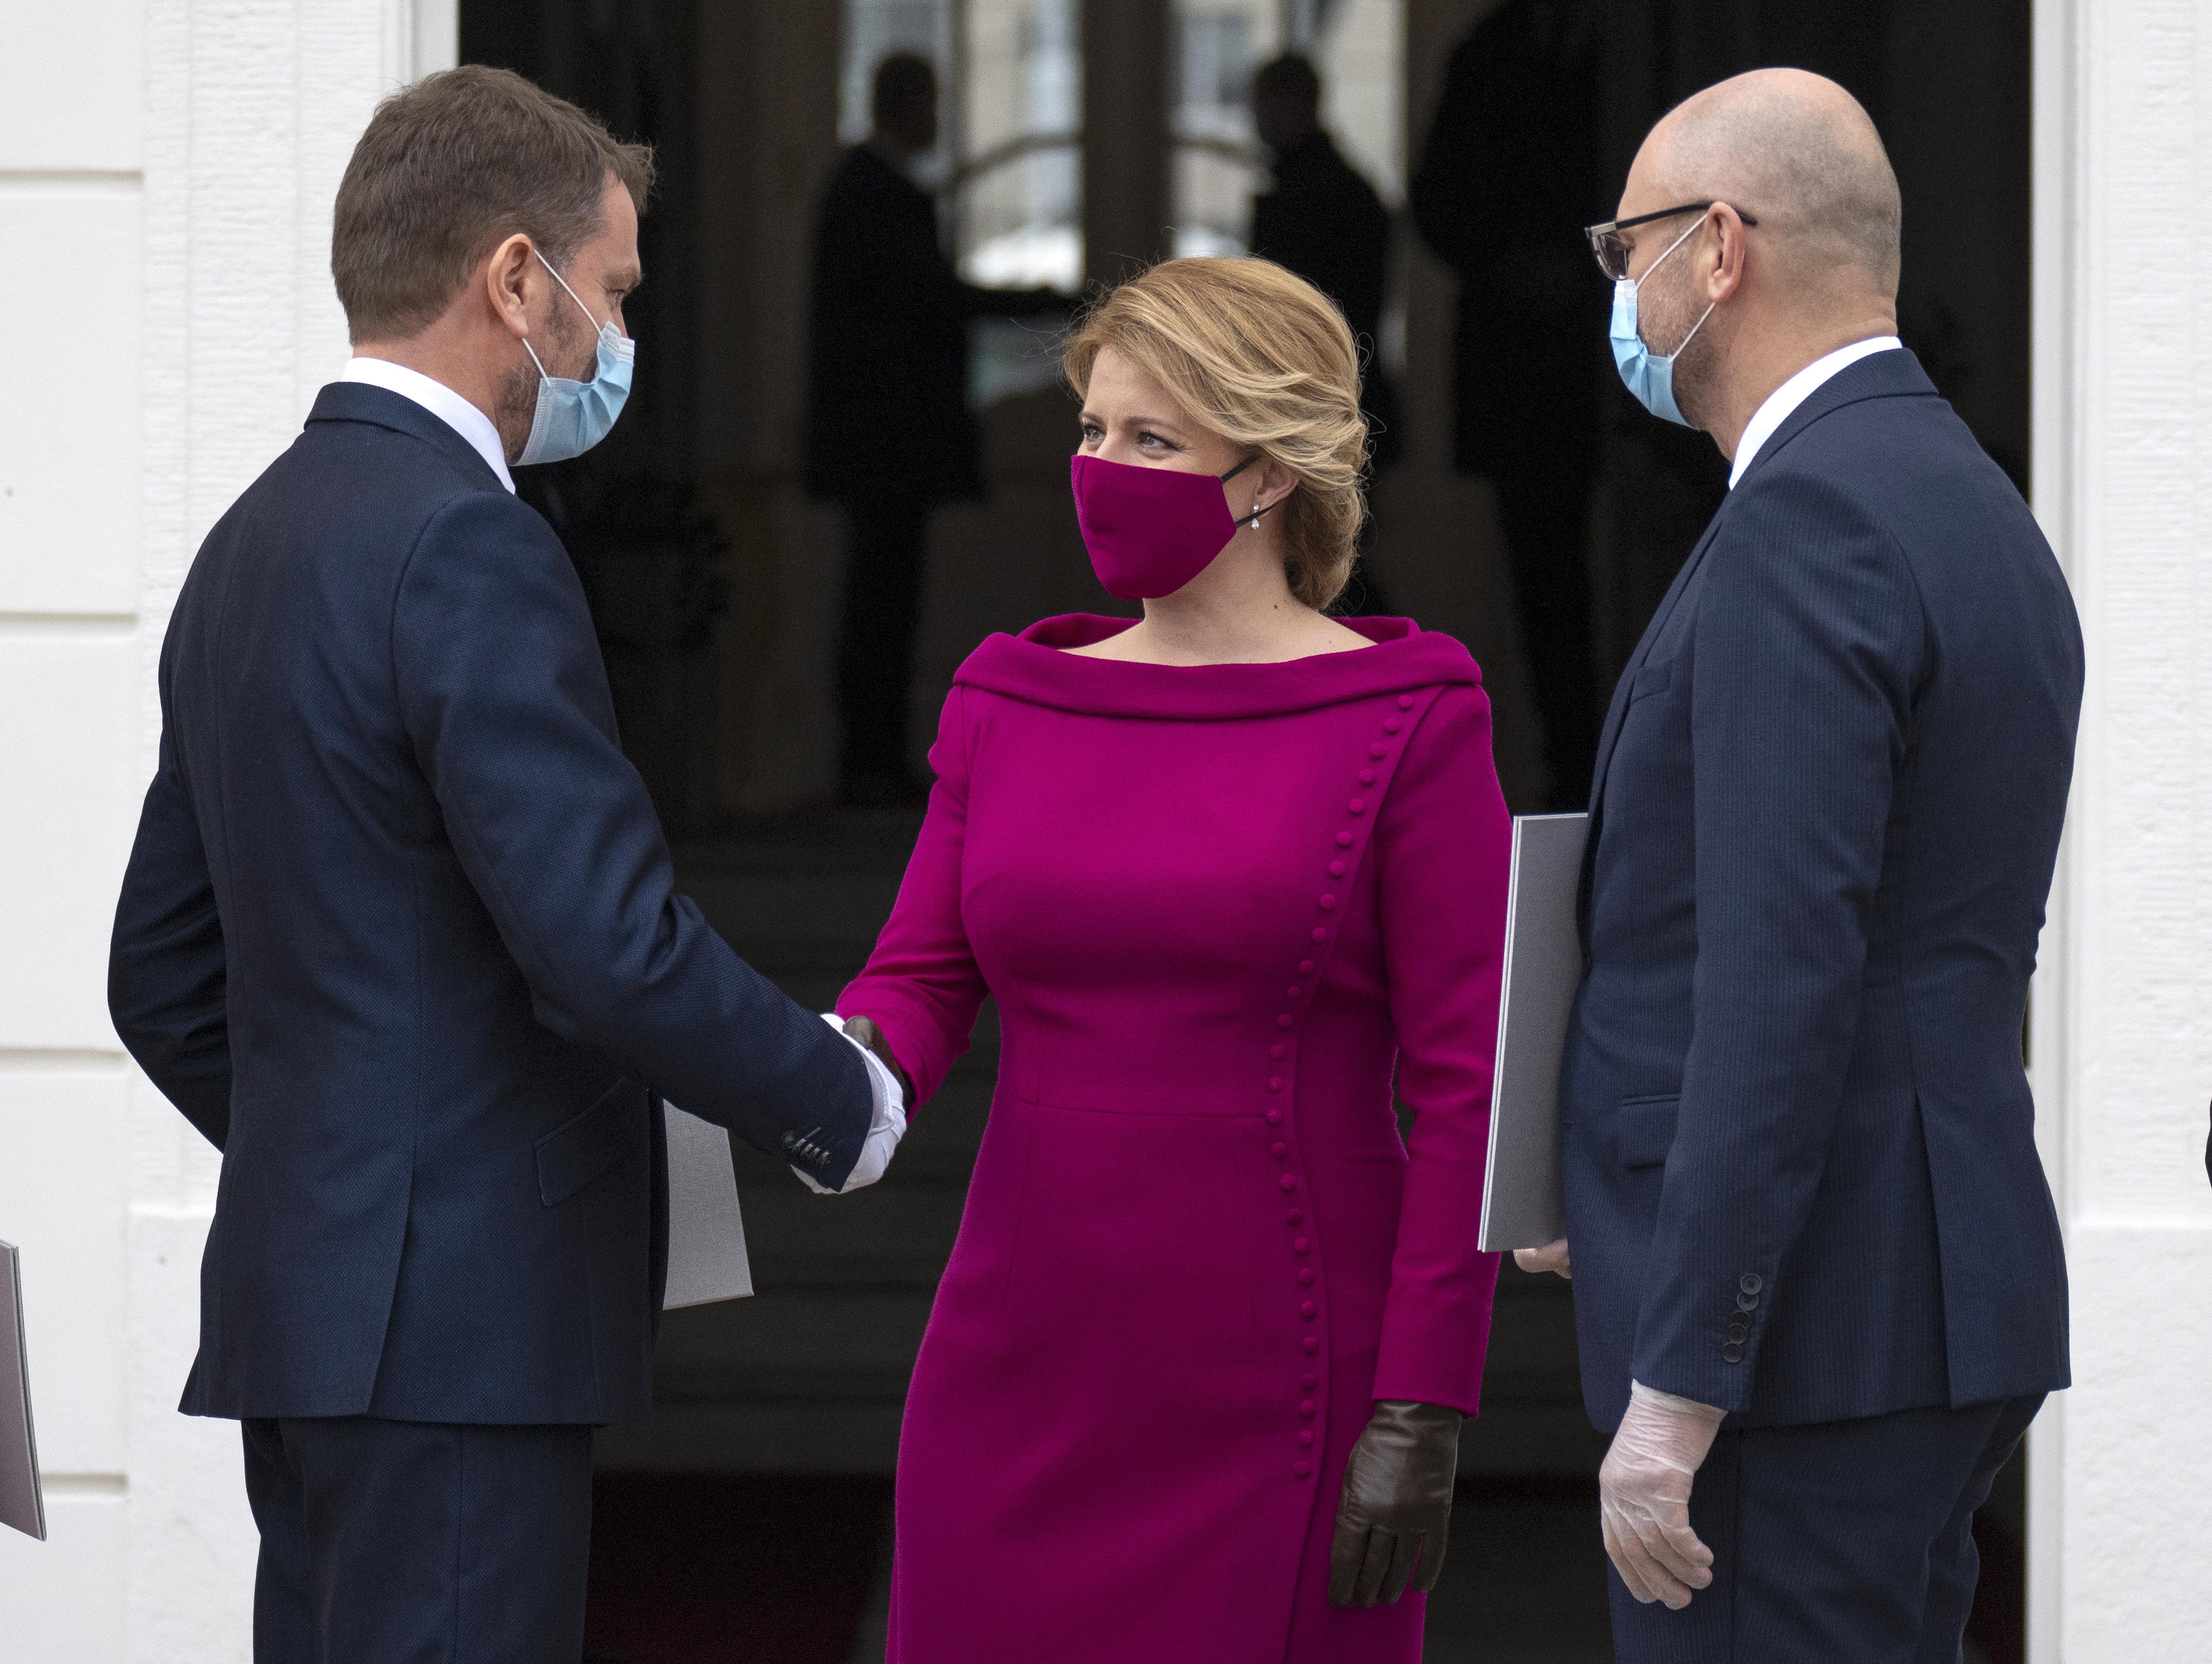 Kinevezte az új kormányt a szlovák elnök